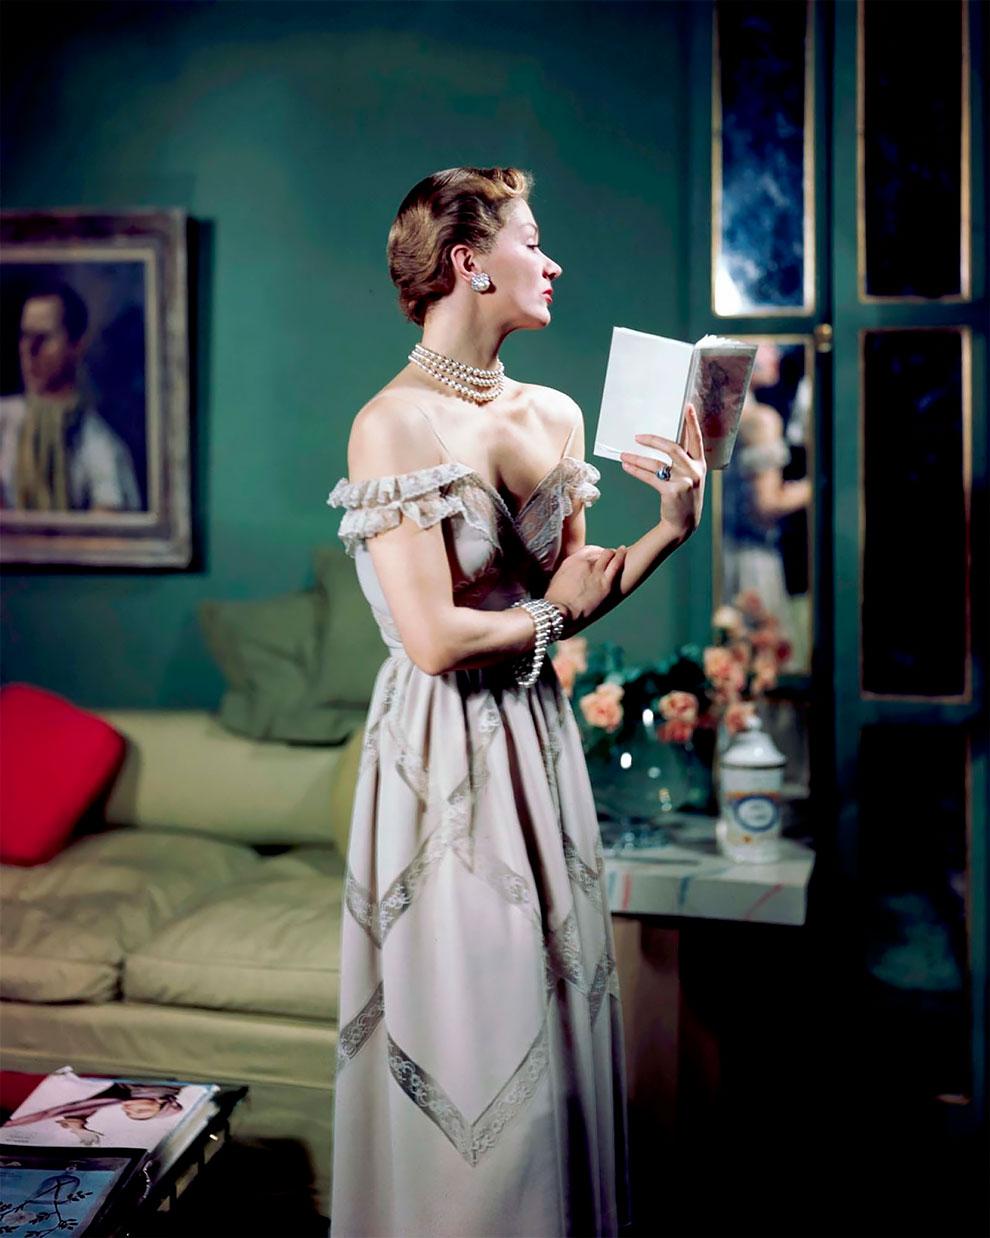 В потрясающих цветах фото Женевьевы Нейлор, 1945-1959 (5).jpg